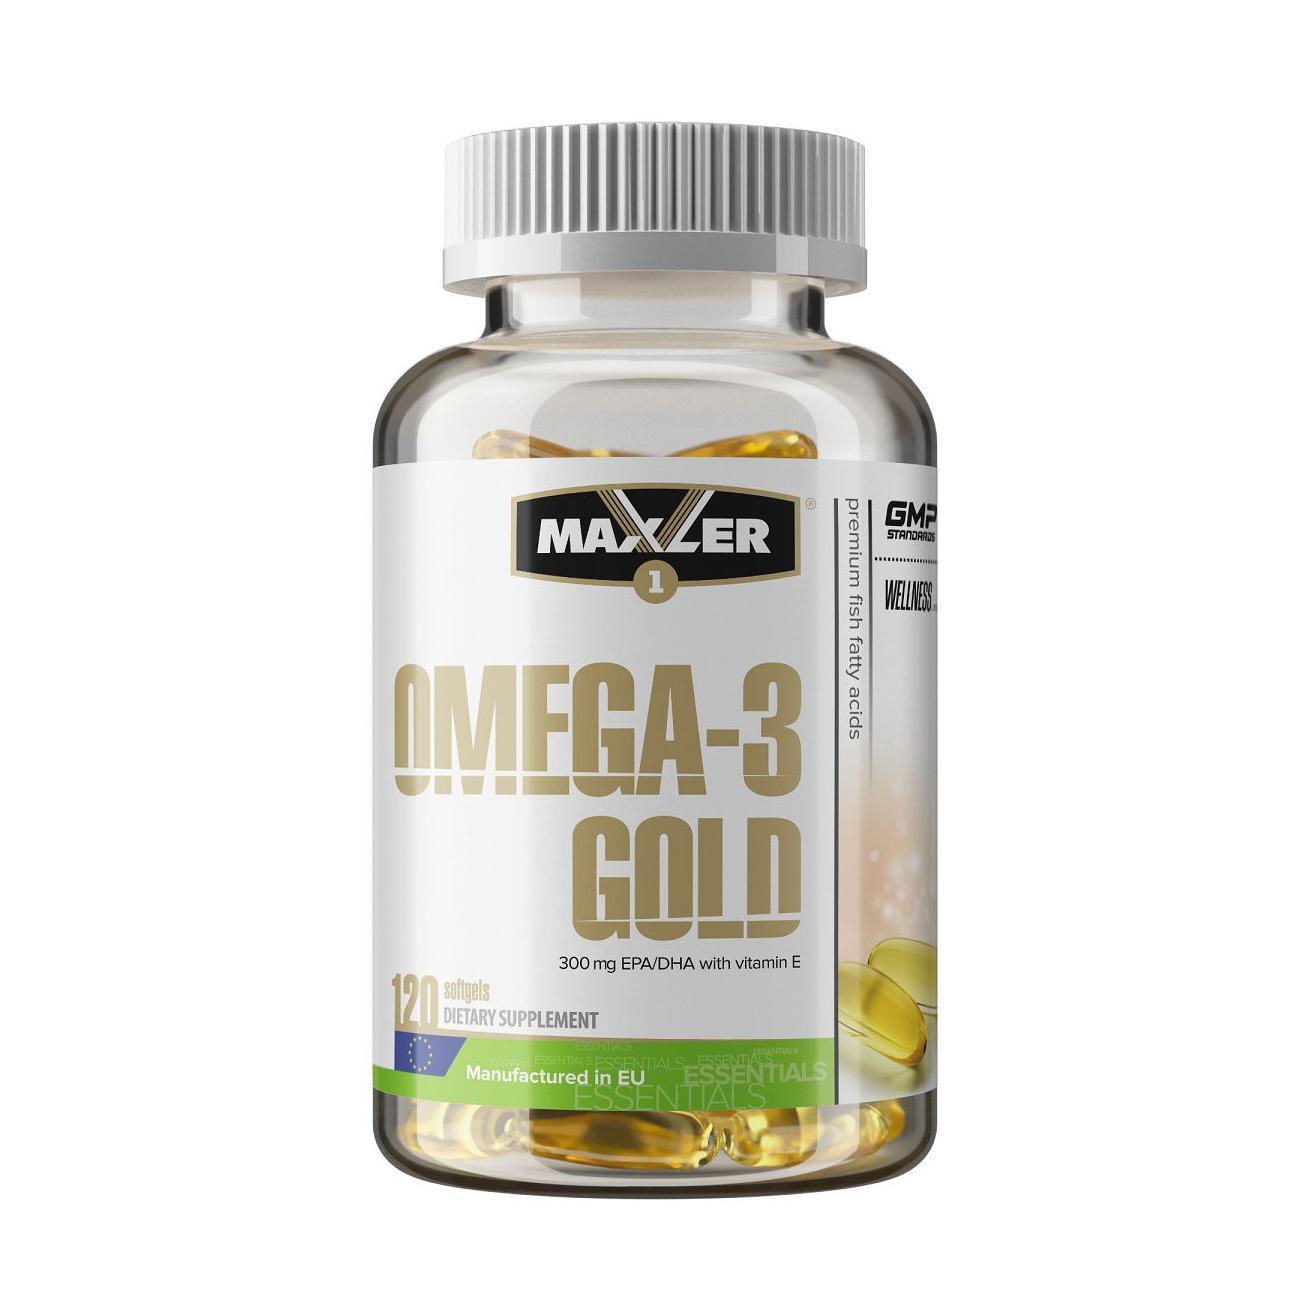 Описание комплексов на основе омега – 3 от компании california gold nutrition. внимательно изучаем состав, дозировку, инструкцию по применению, а также отзывы покупателей. ищем вариант самой выгодной покупки